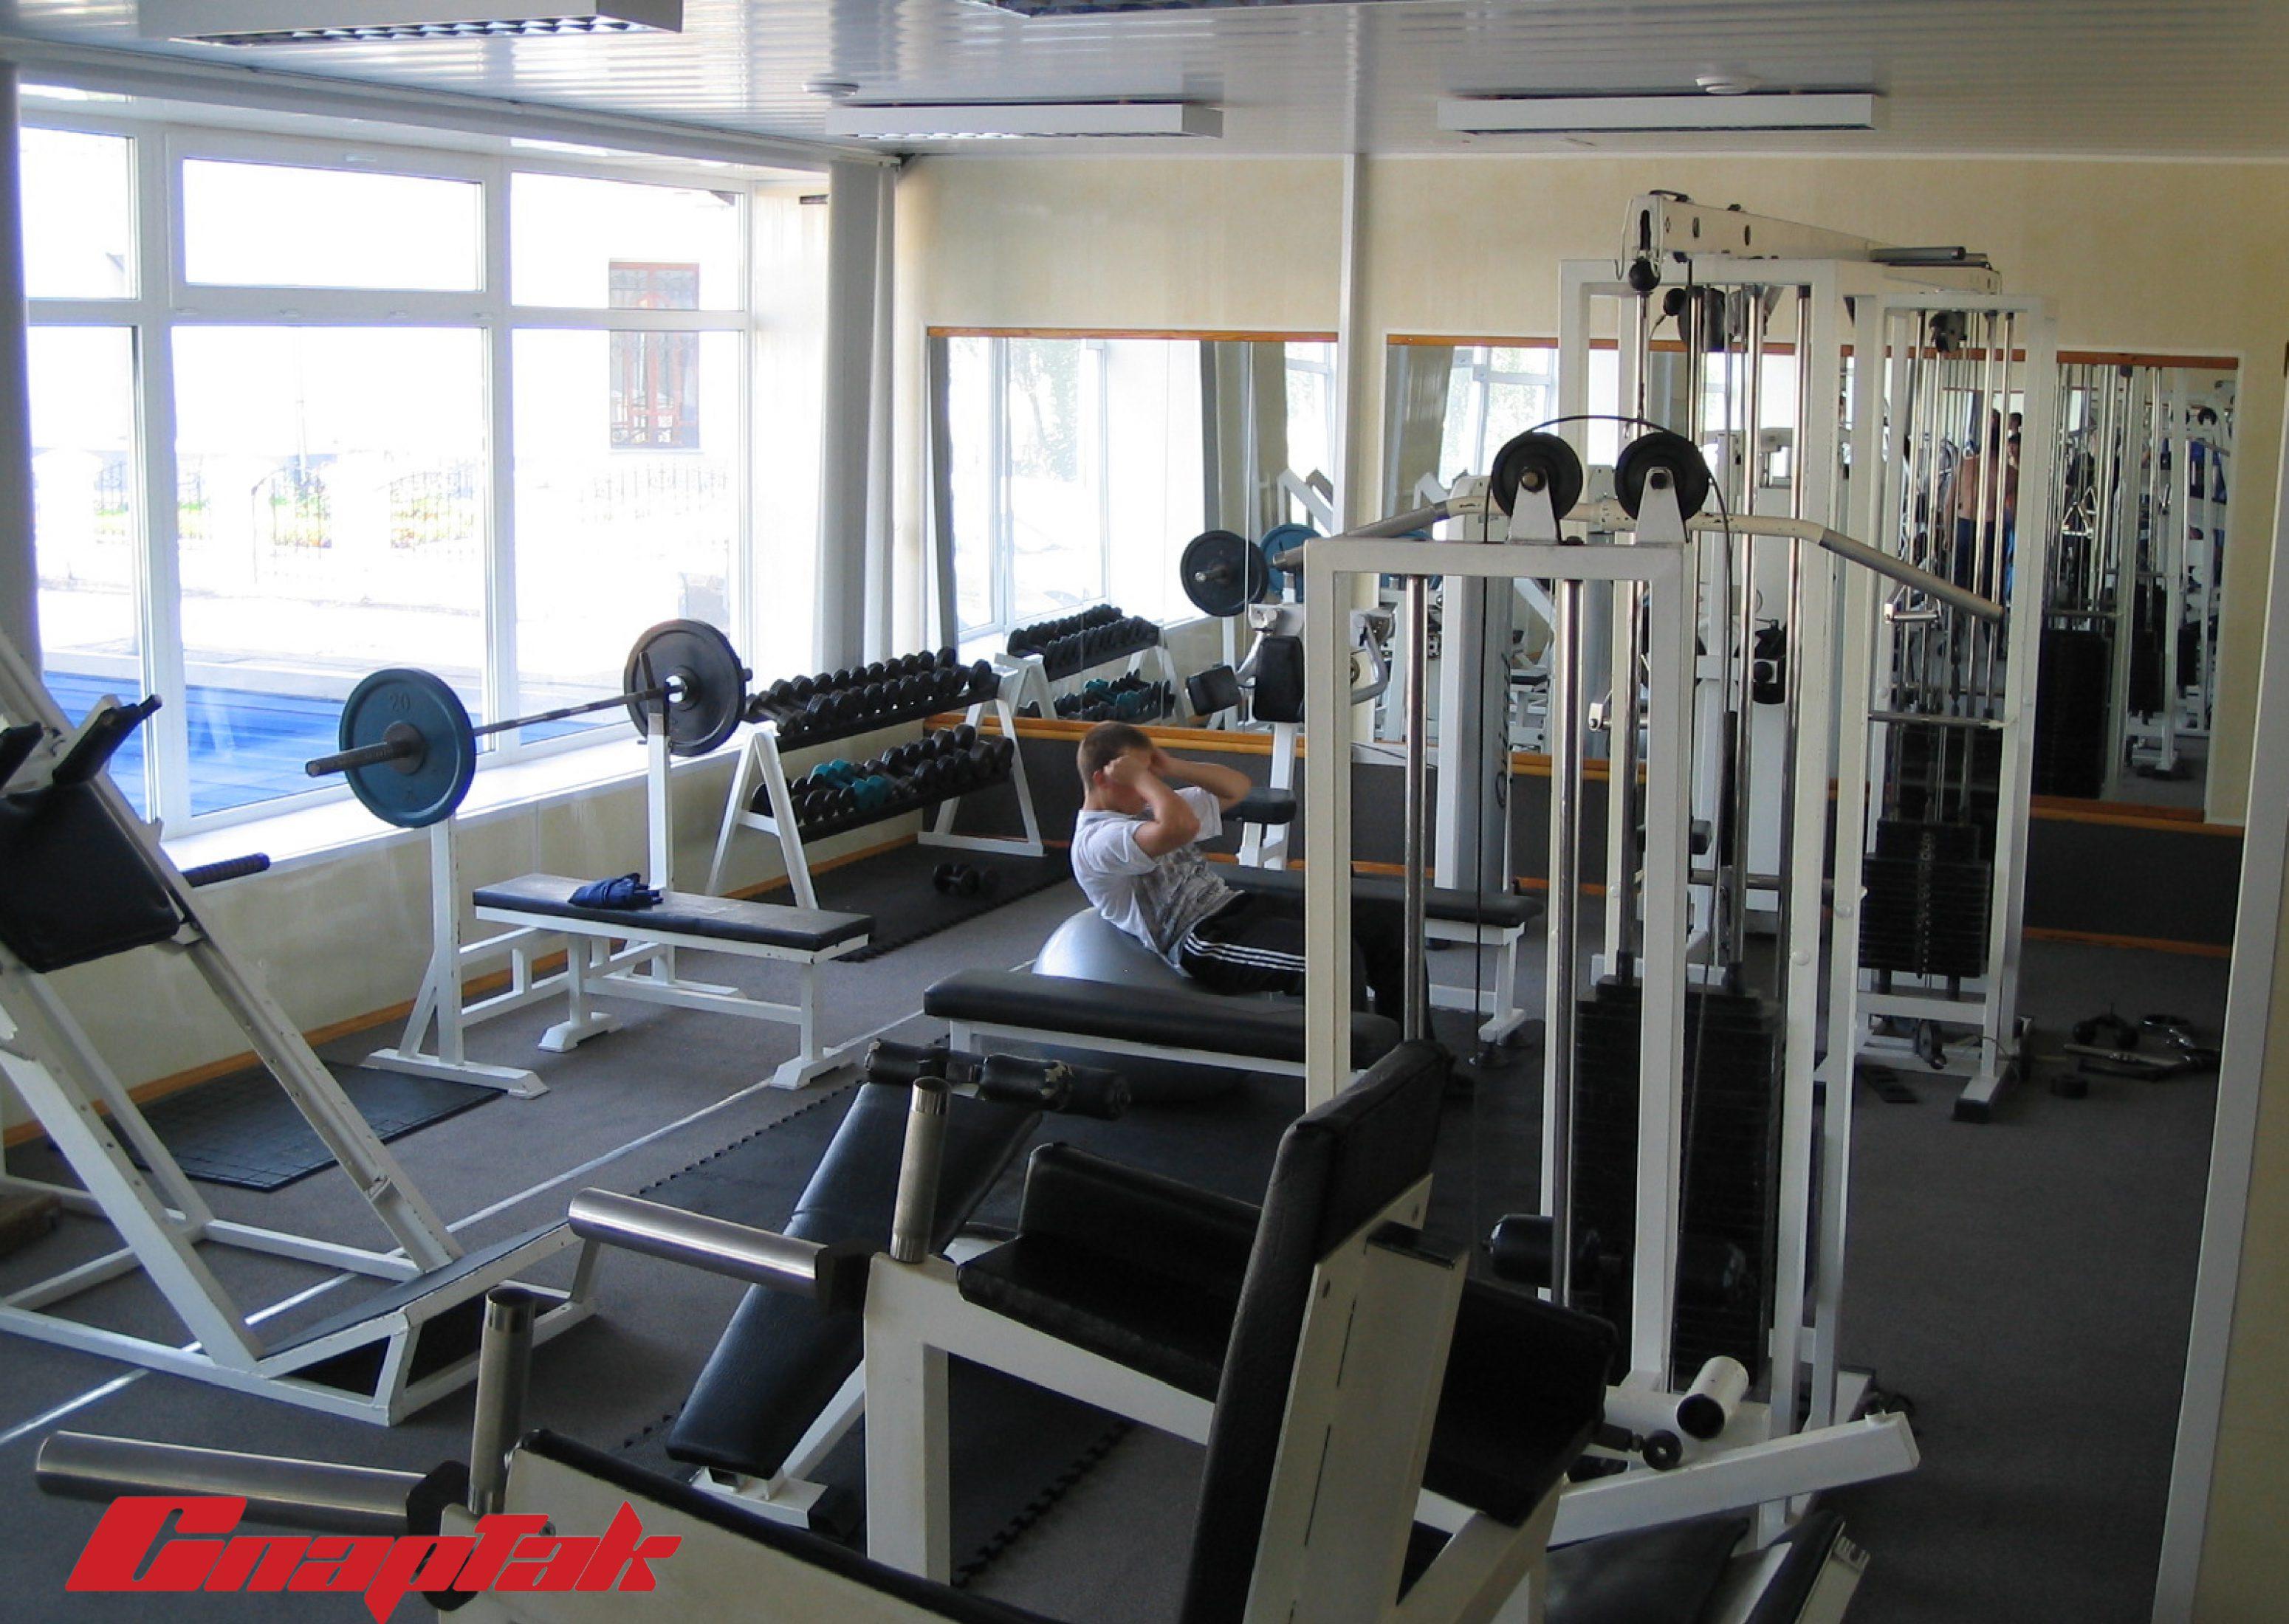 спартак тренажерный зал 5 3100x2200 Тренажерный зал Спартак